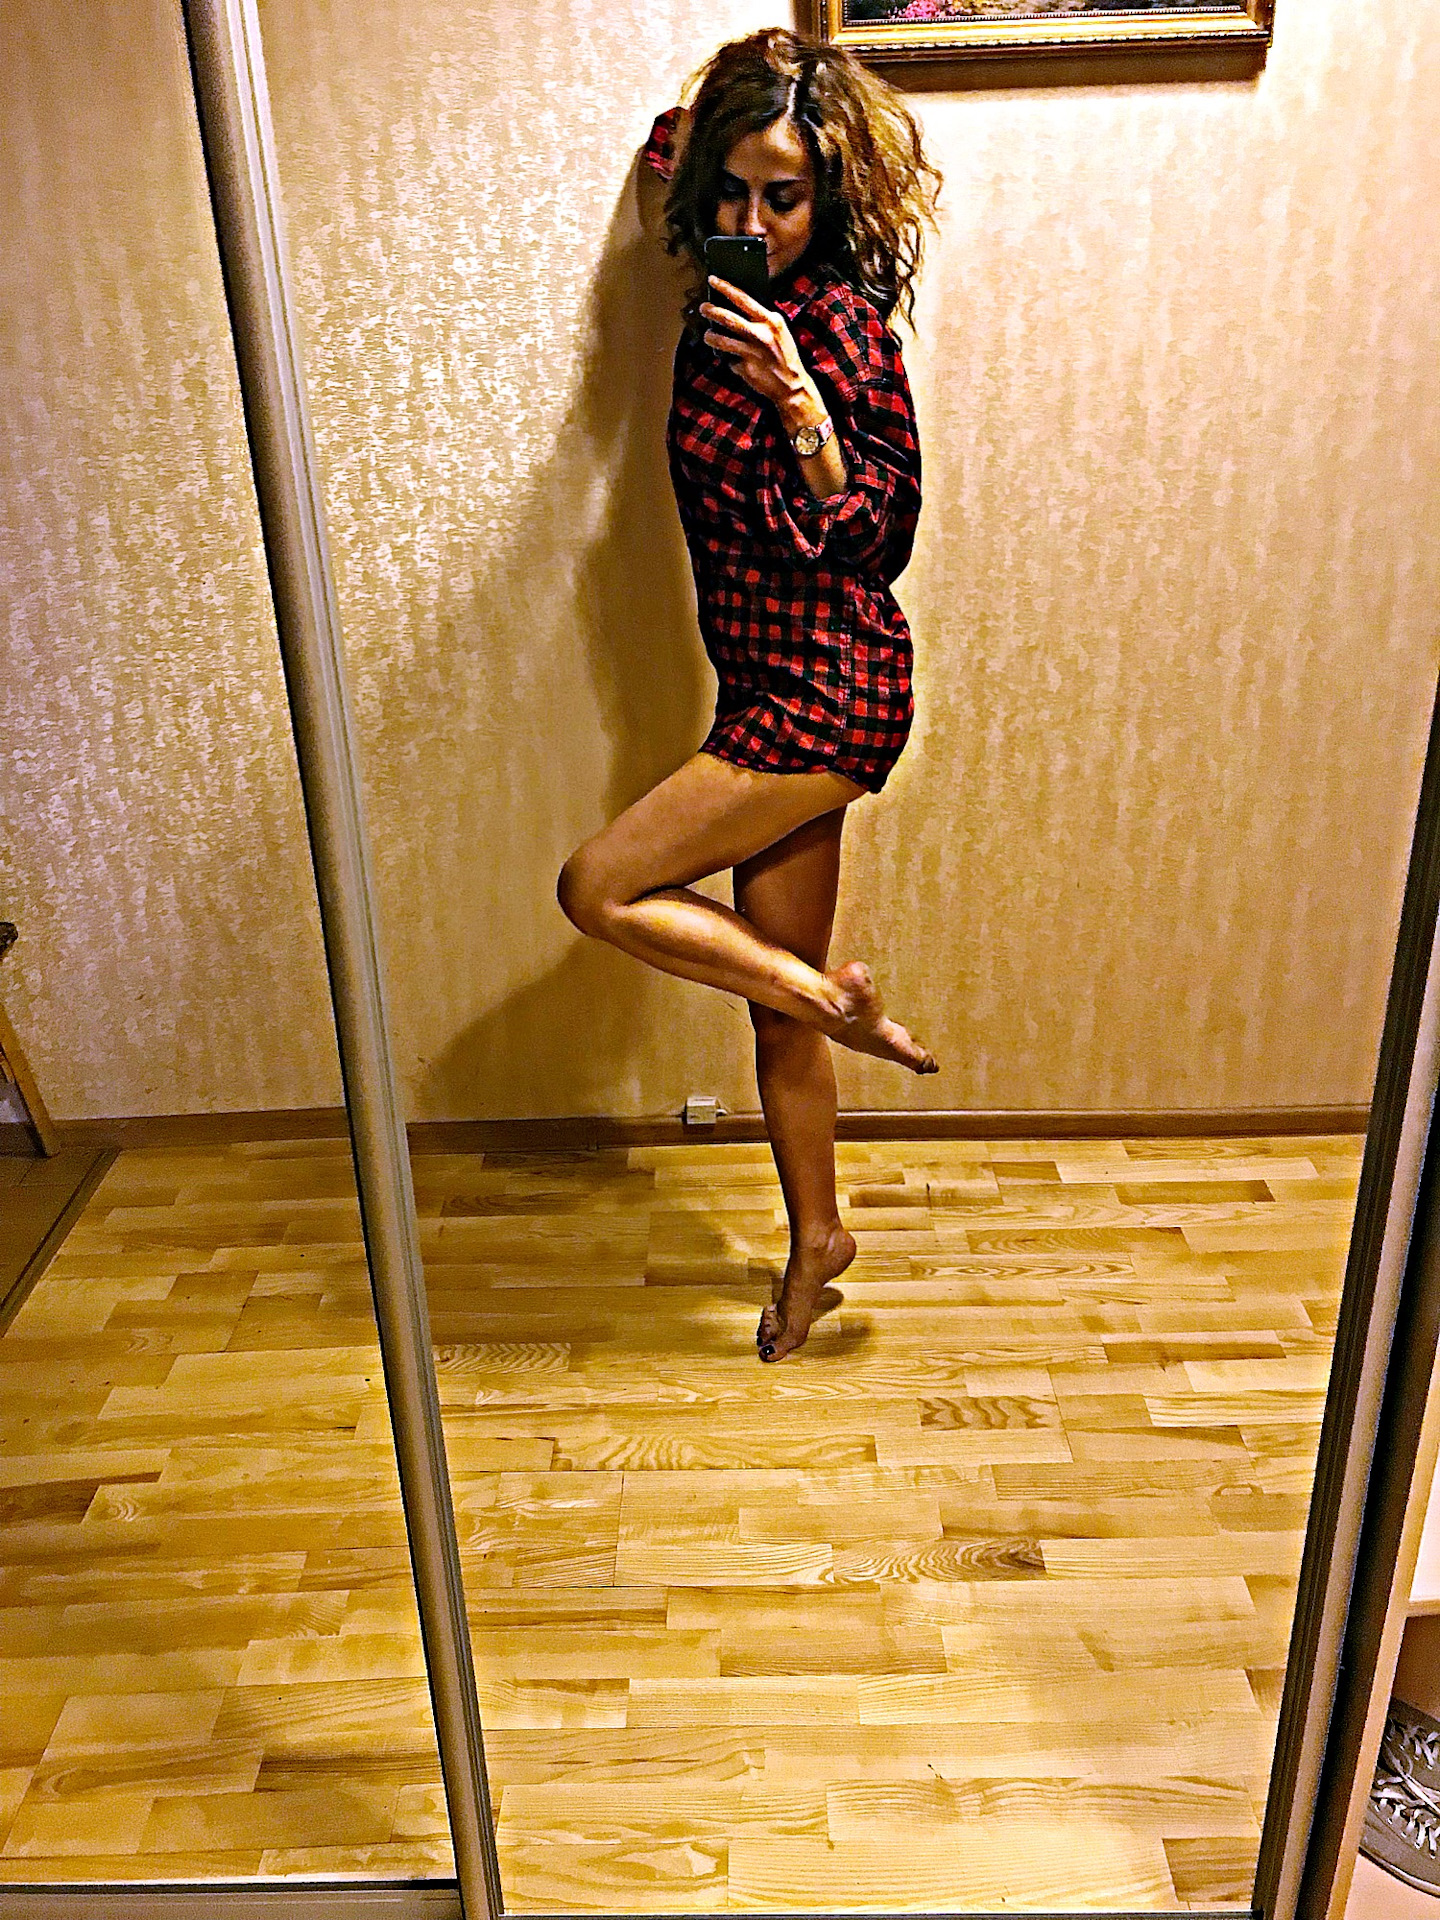 ПРИВЕЕЕЕТ РЕБЯТА✌🏼👋!ПРЕДЛОЖЕНИЕ от красивой девушки)))